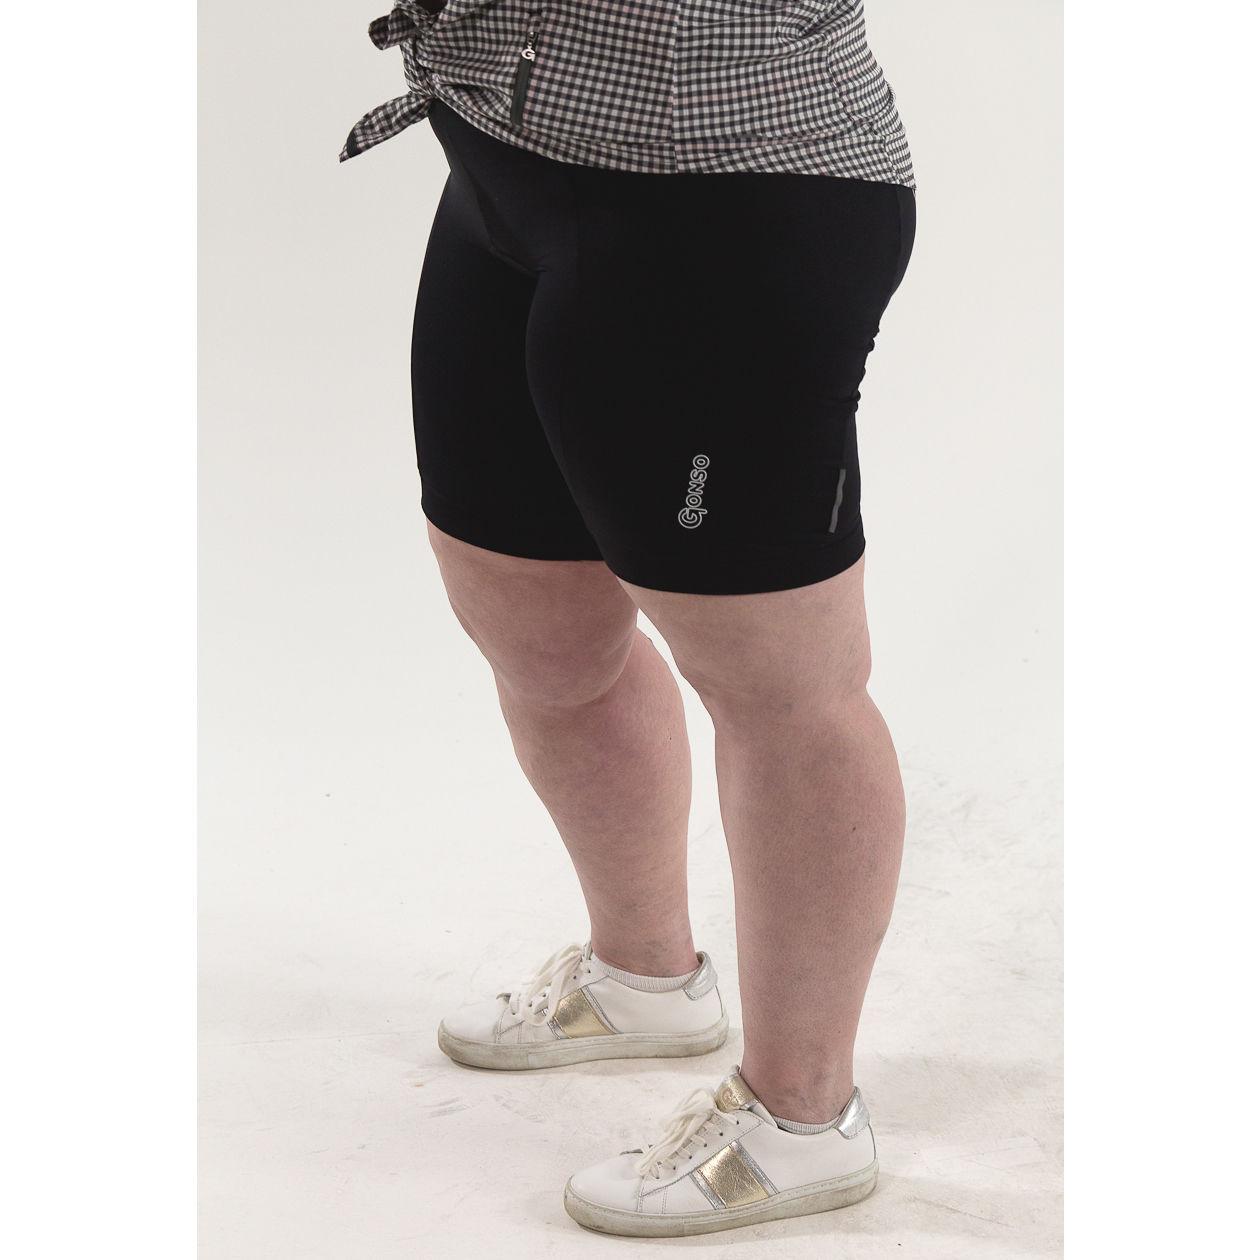 Gonso Silvie - Rad Unterhose Damen in Übergröße SITZPOLSTER